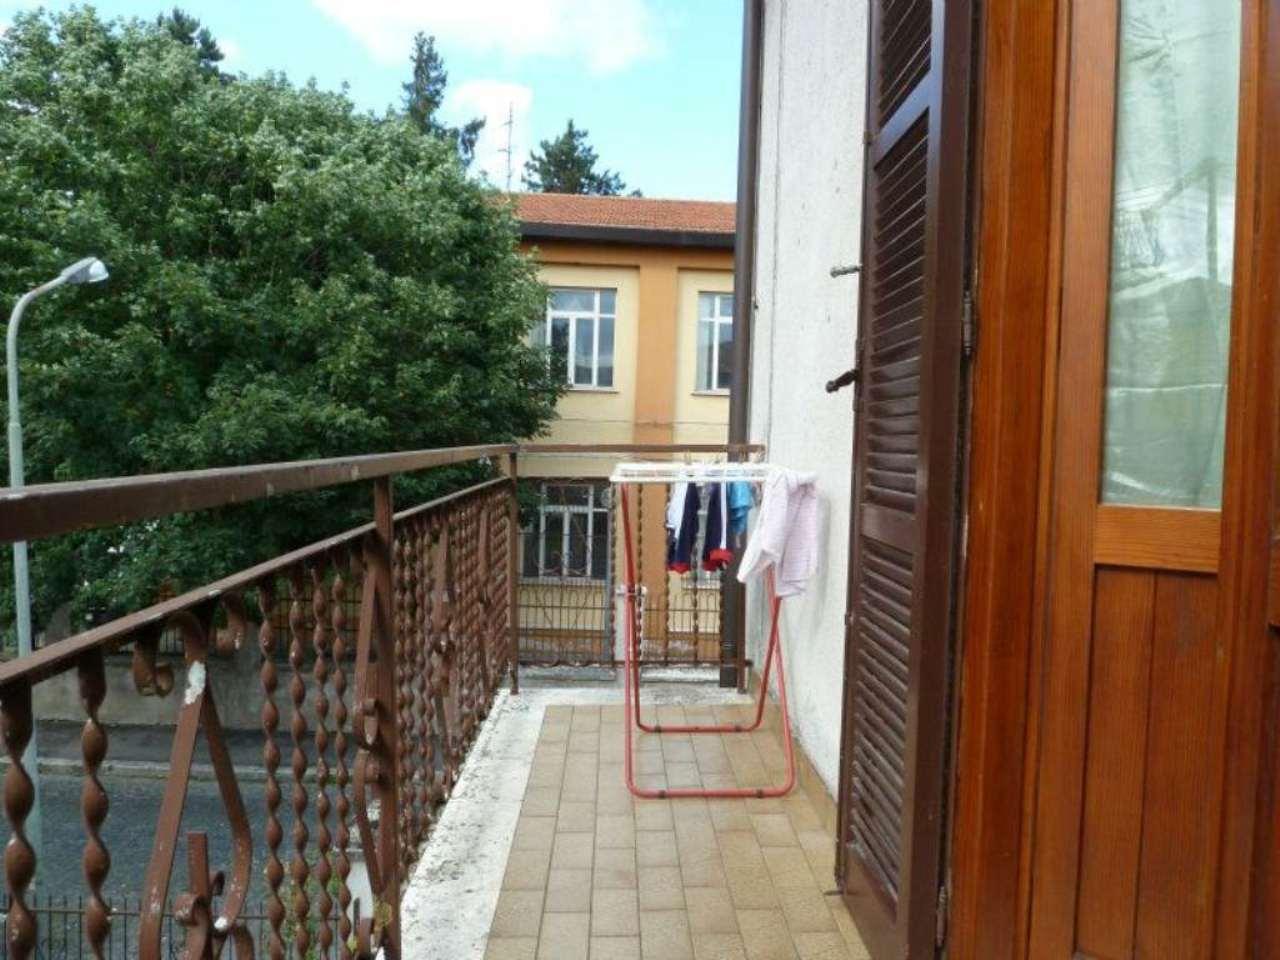 Soluzione Semindipendente in vendita a Carsoli, 4 locali, prezzo € 77.000 | CambioCasa.it